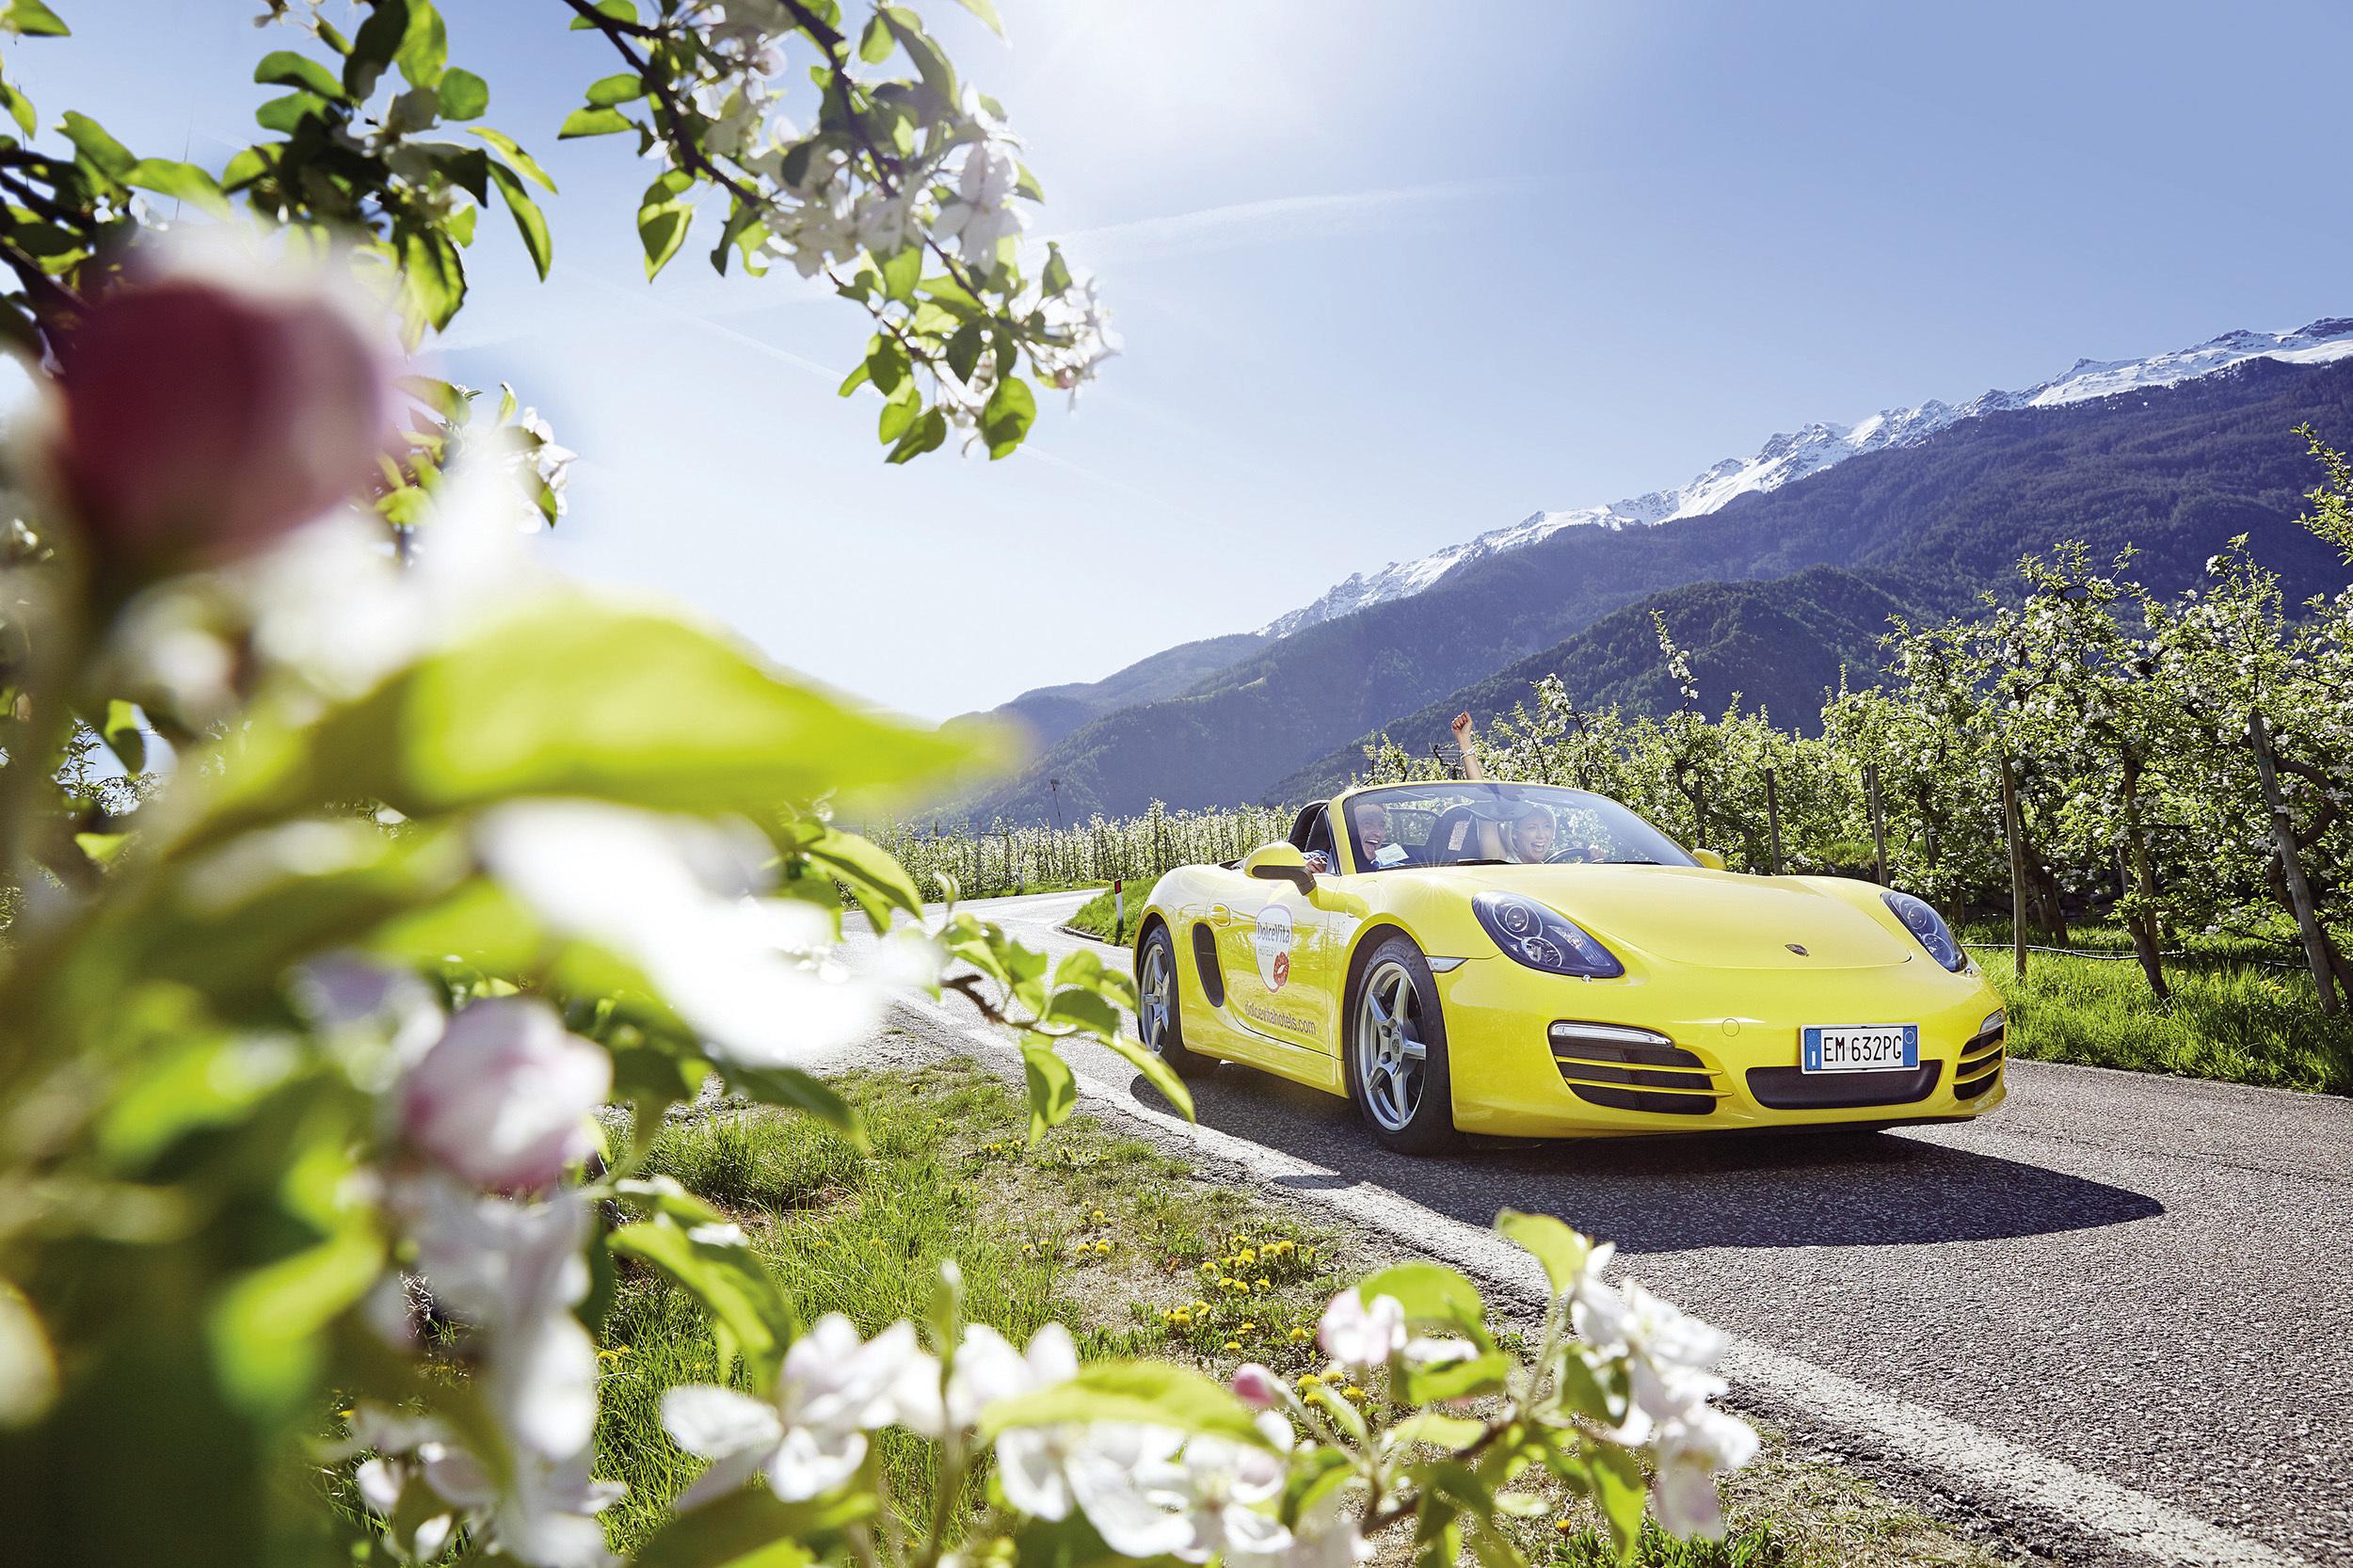 Ausfhart mit dem Porsche Cabrio - adutls only im Liebeshotel